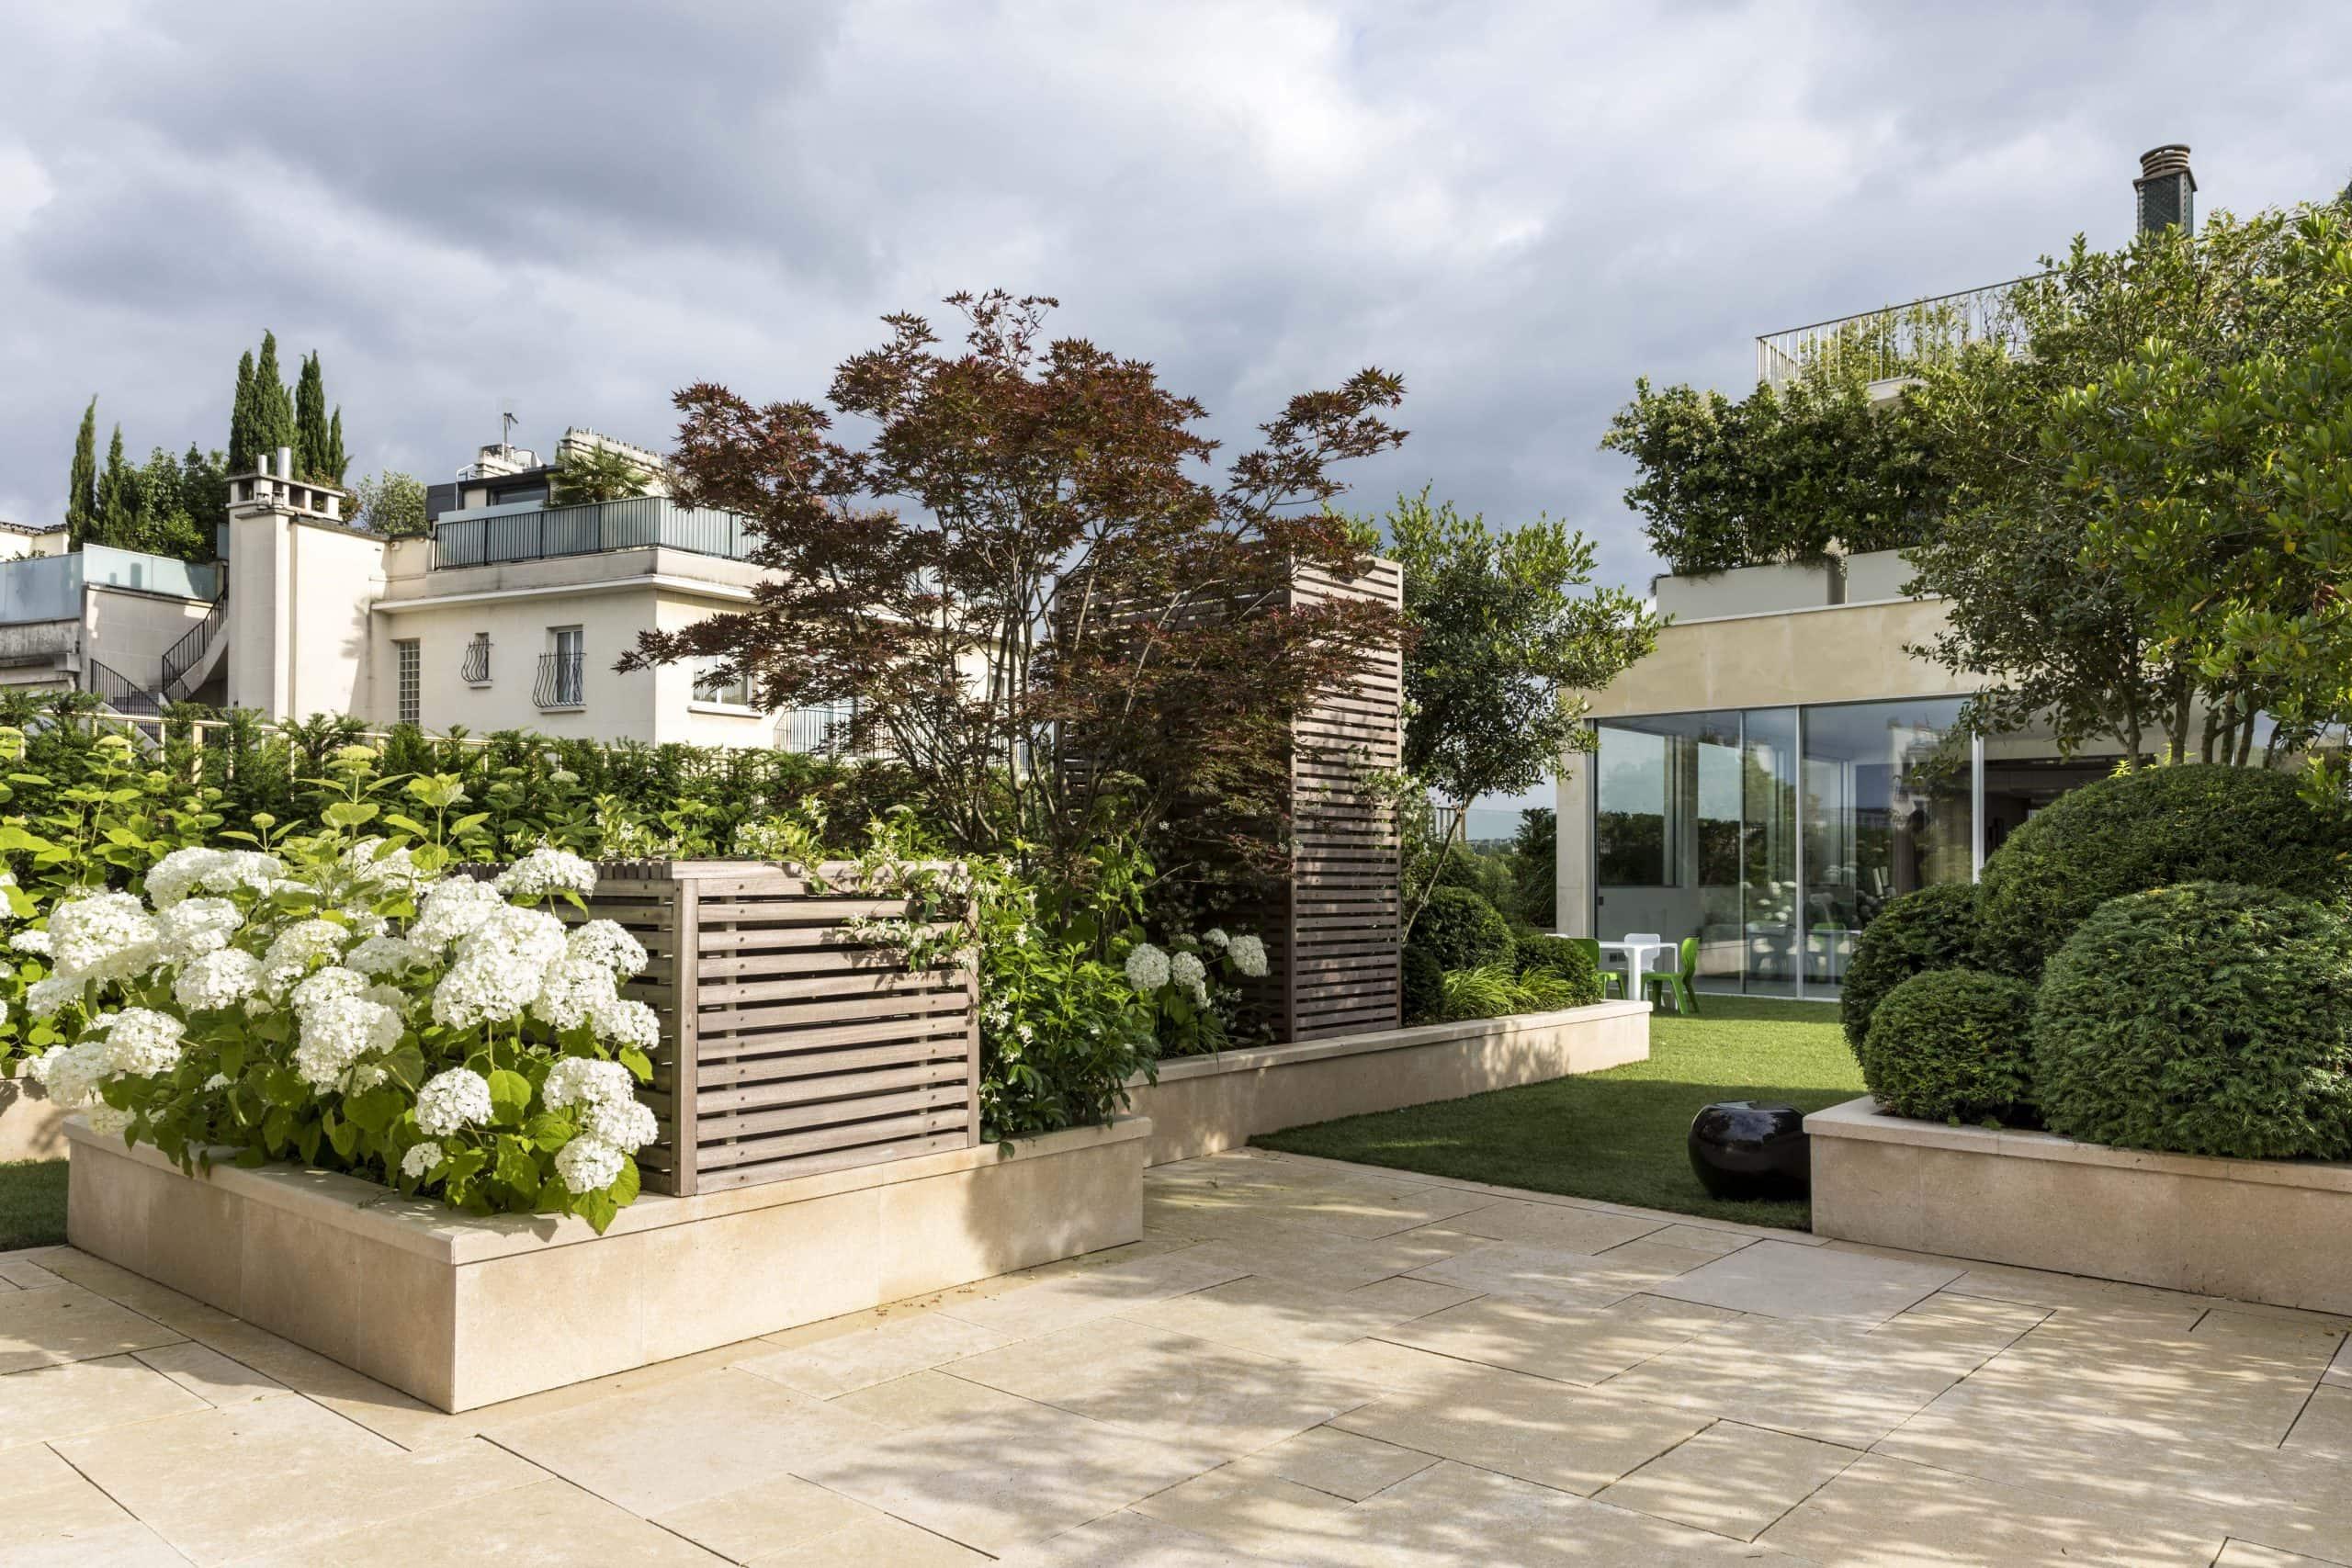 ROCAMAT Jardin Prive PAris Paysagiste Didier Danet EUVILLE photo de Laurent Guicharnon12 scaled